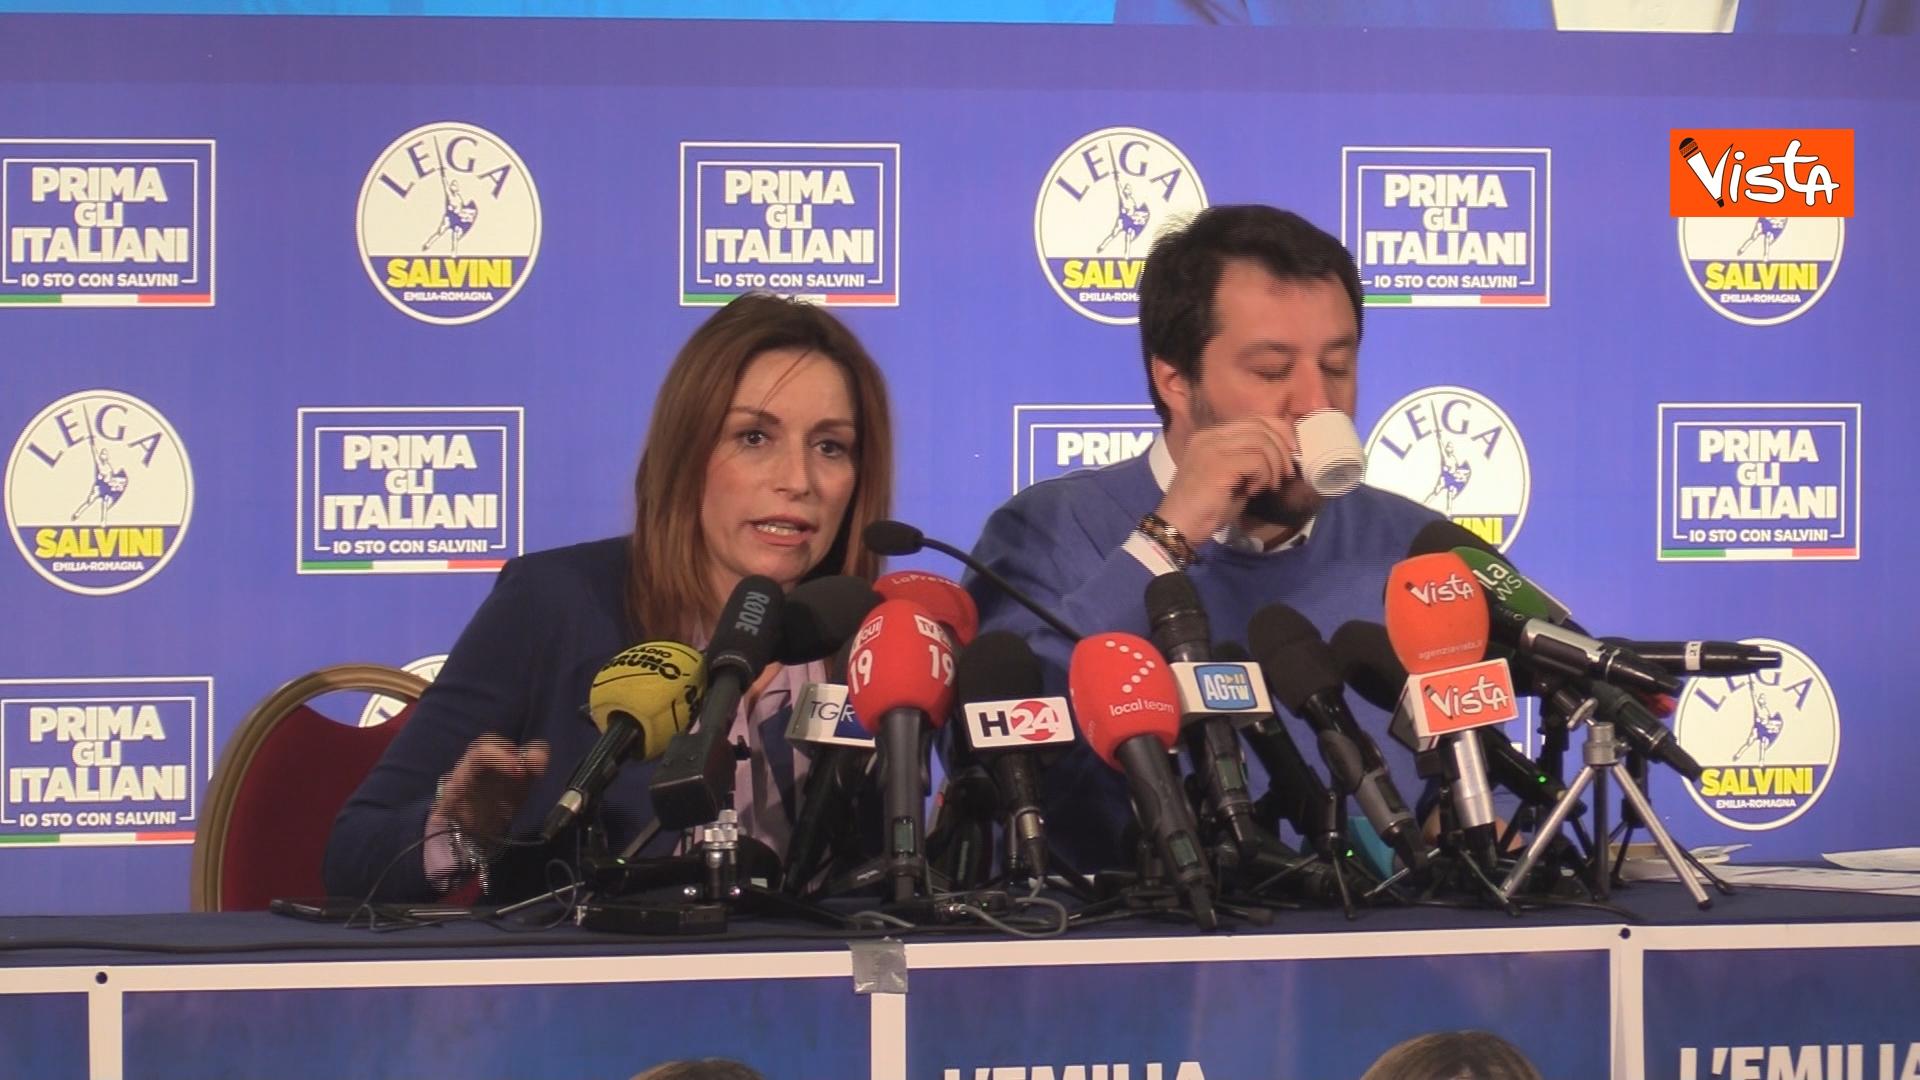 27-01-20 Salvini e Borgonzoni in conferenza stampa sul risultato del voto in Emilia-Romagna, le immagini_06